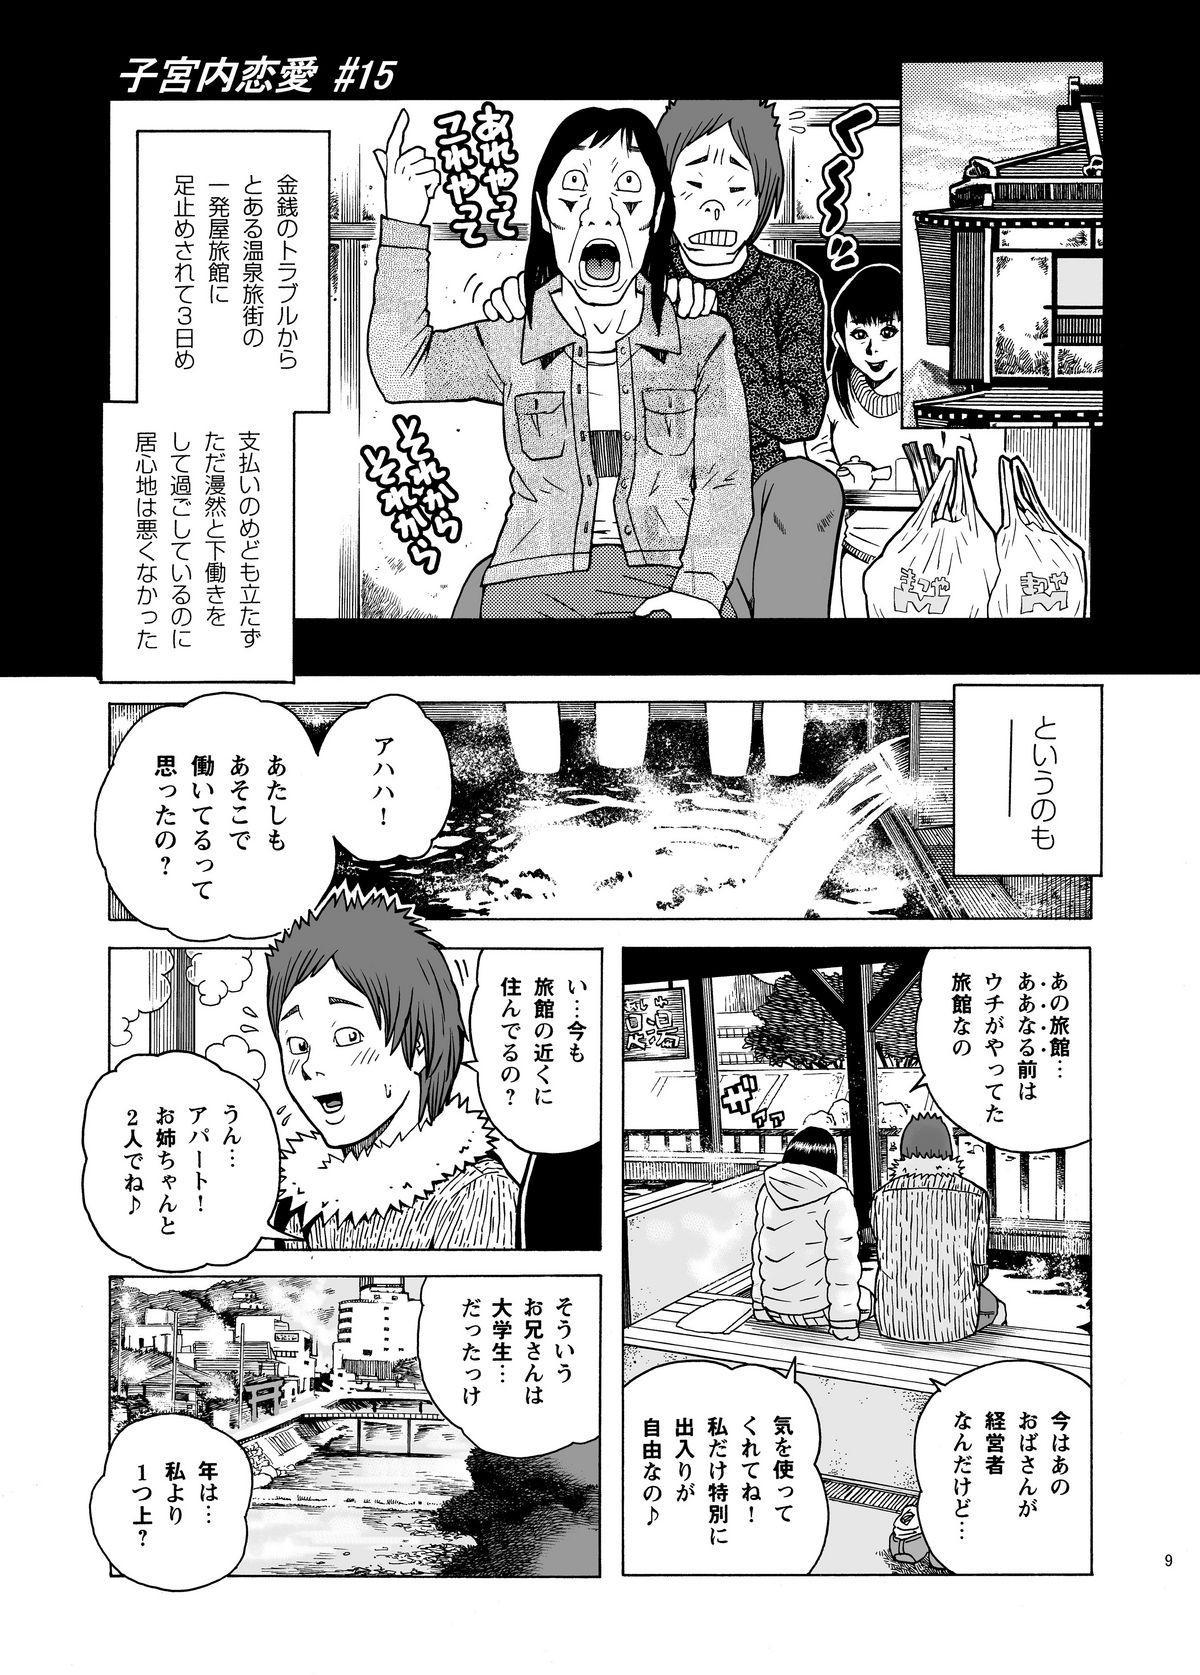 Shikyuunai Renai #14~#25 11